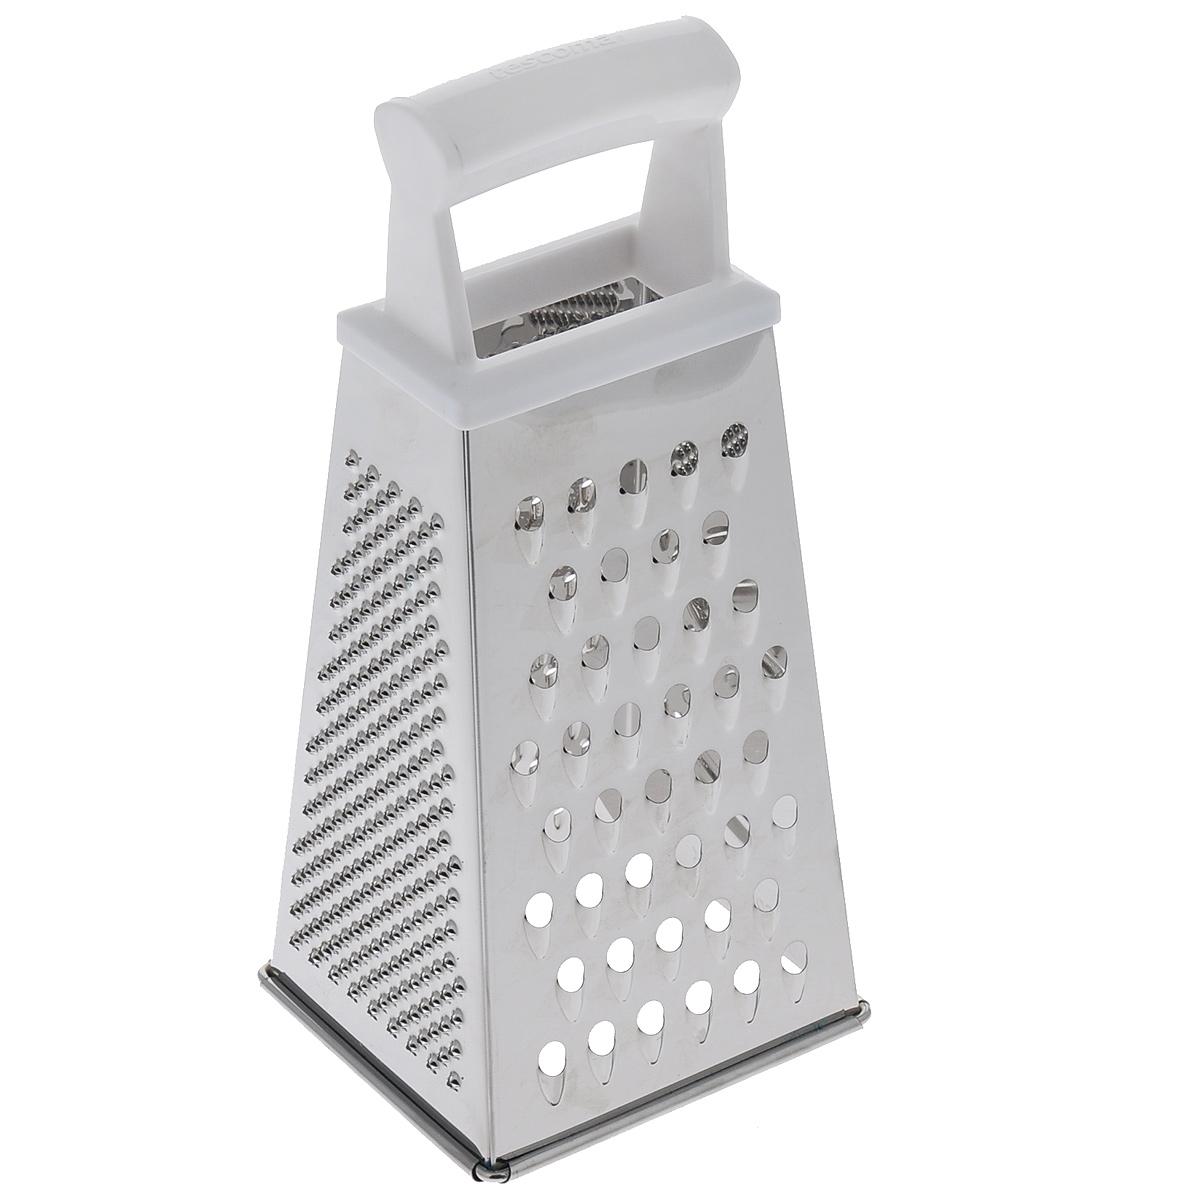 Терка четырехгранная Tescoma Handy, цвет: белый, высота 22 см643782_белыйЧетырехгранная терка Tescoma Handy, выполненная из высококачественной нержавеющей стали с зеркальной полировкой, станет незаменимым атрибутом приготовления пищи. Сверху на терке находится удобная пластиковая ручка. На одном изделие представлены четыре вида терок - крупная, мелкая, фигурная и нарезка ломтиками. Современный стильный дизайн позволит терке занять достойное место на вашей кухне. Можно мыть в посудомоечной машине.